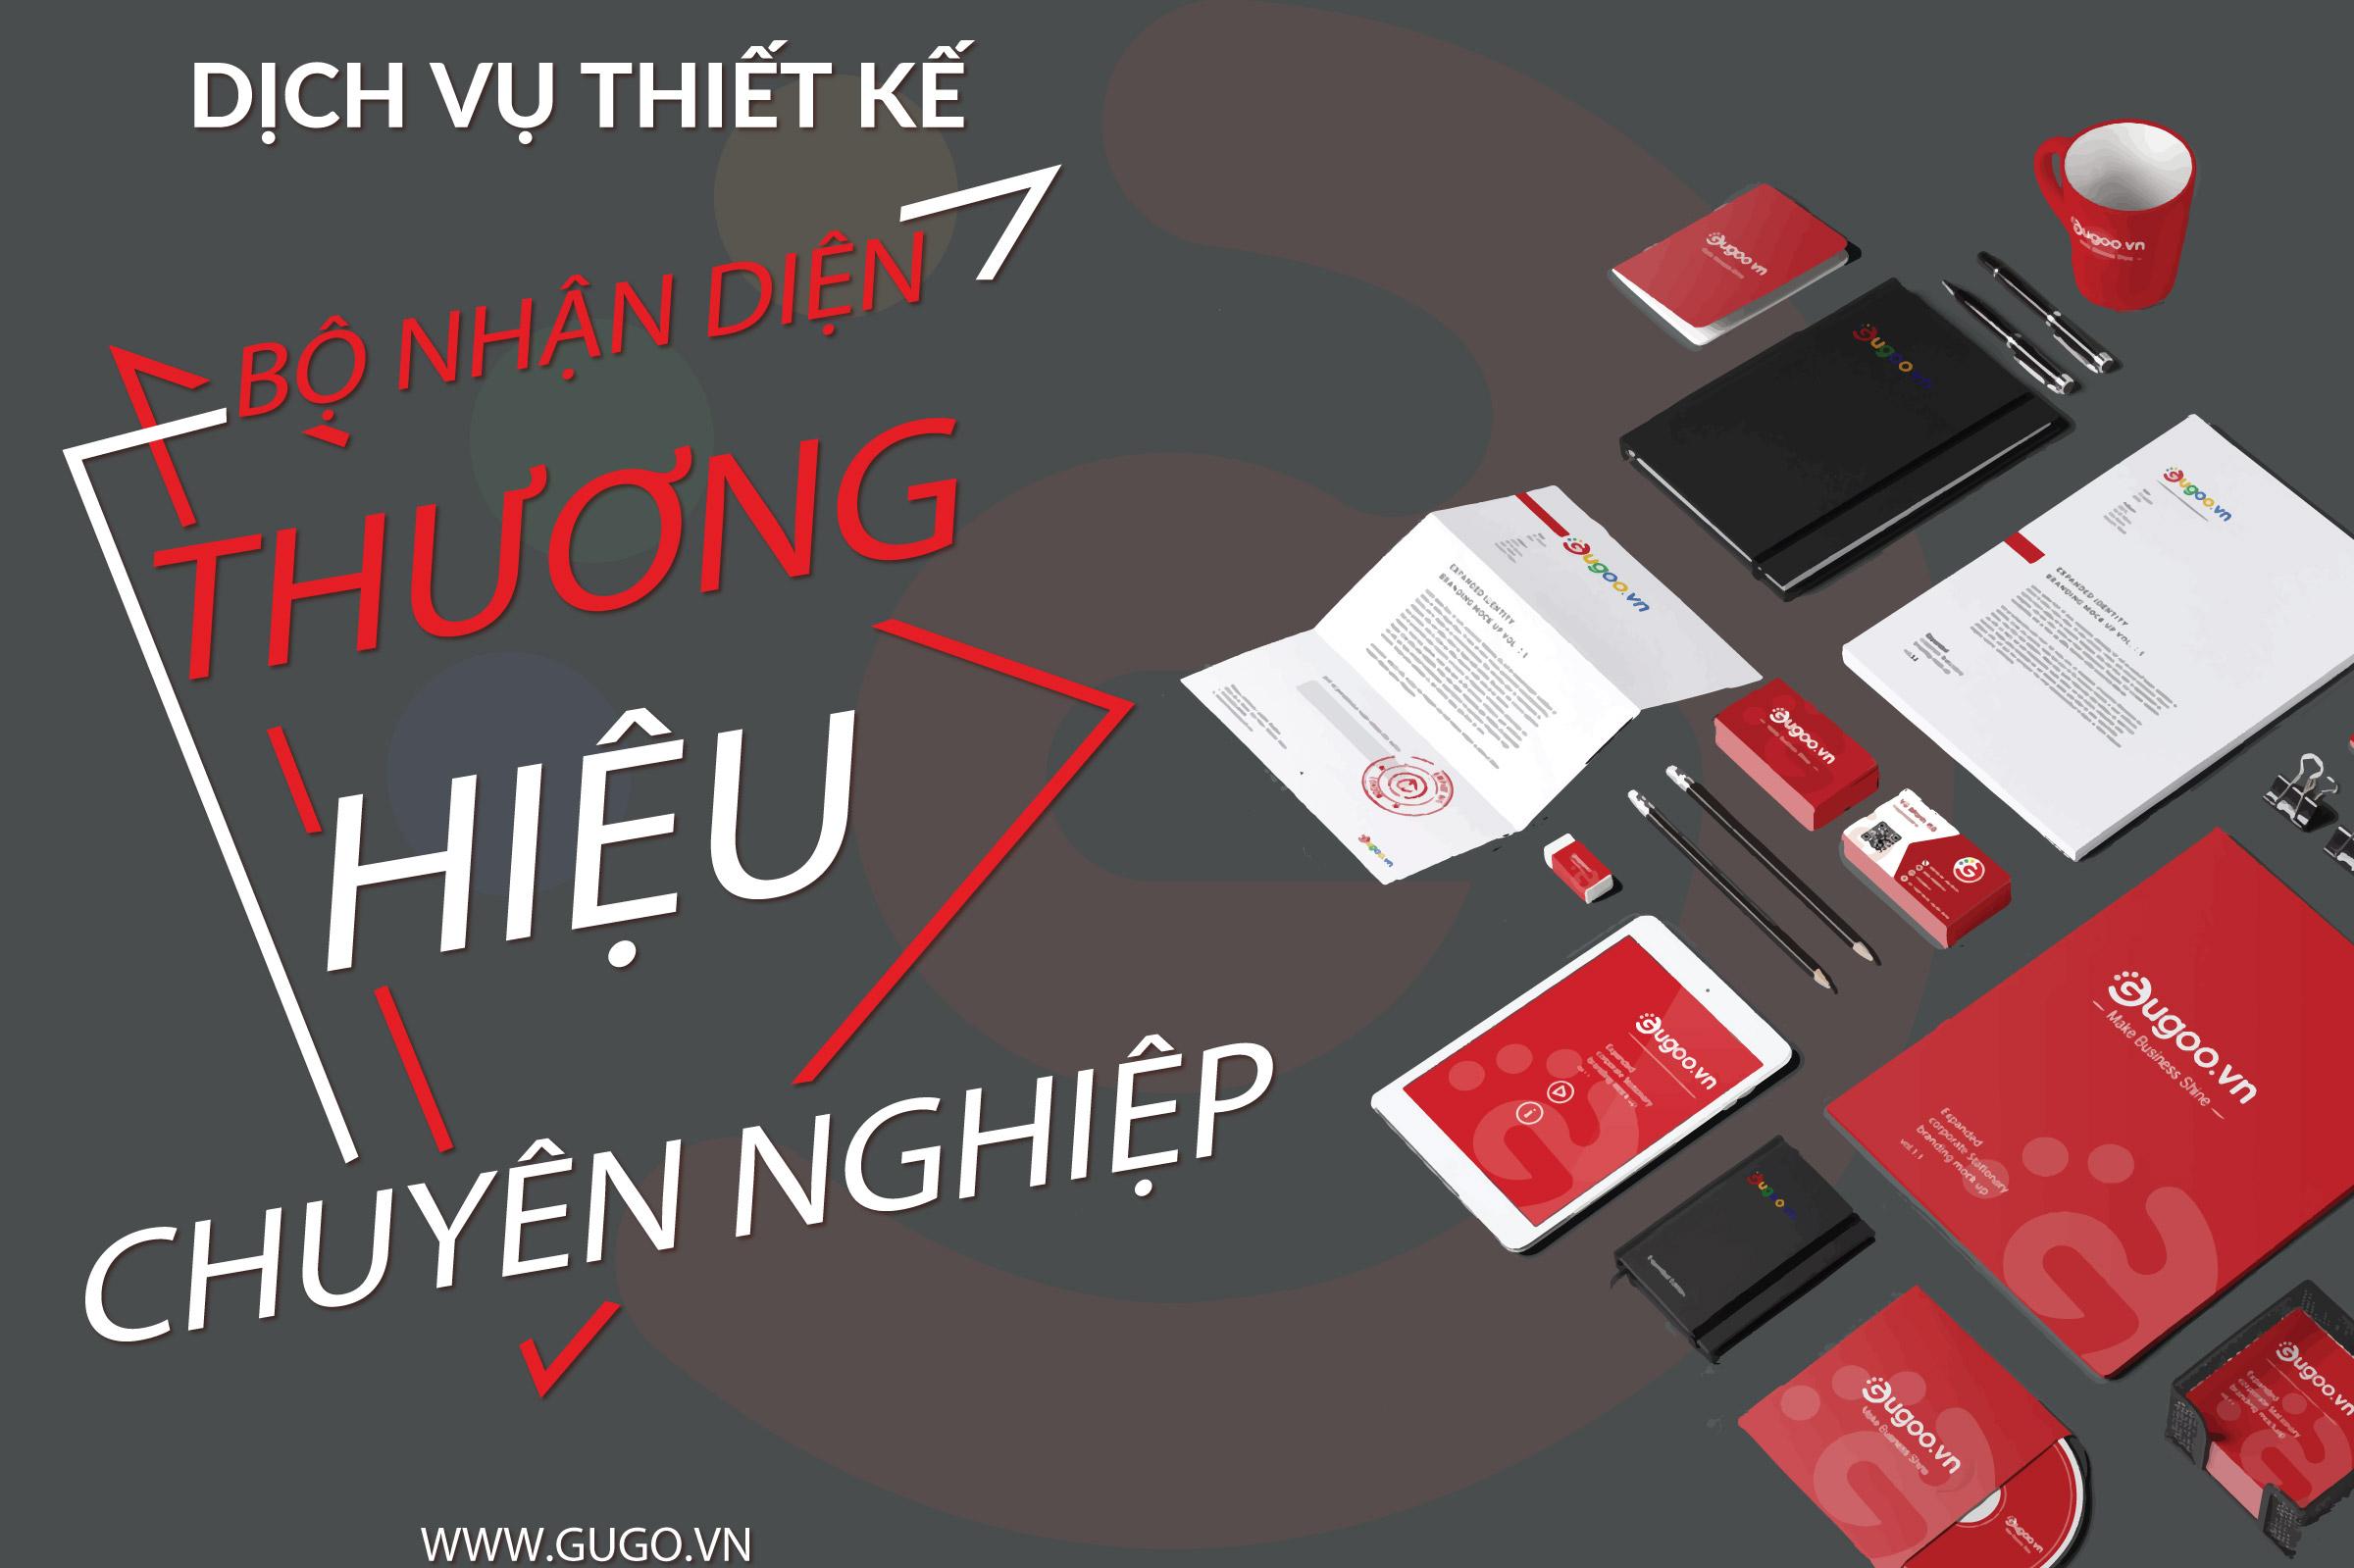 dich vu thiet ke bo nhan dien thuong hieu chuyen nghiep